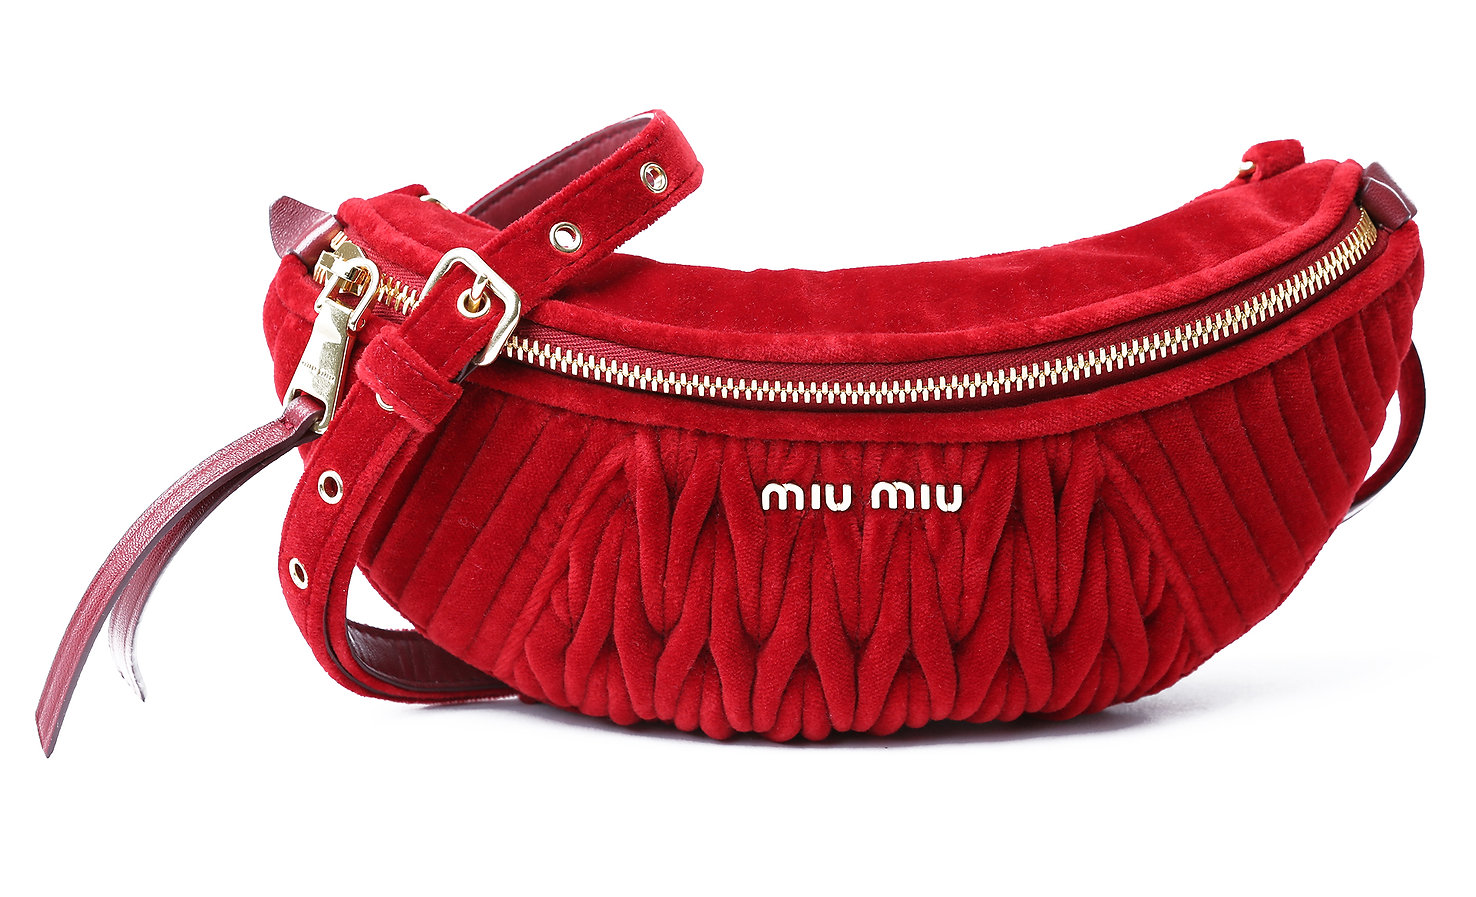 MiuMiu Bag 2 copy.jpg